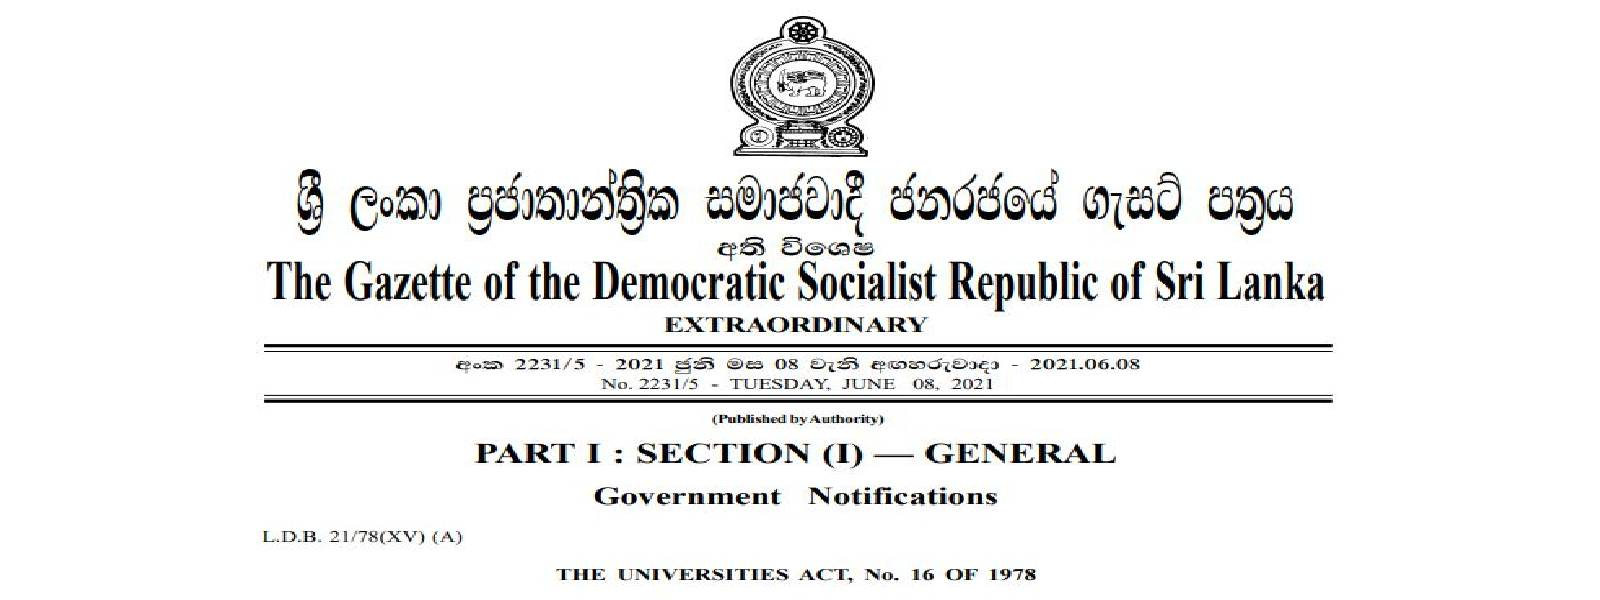 University of Vavuniya established via extra-gazette